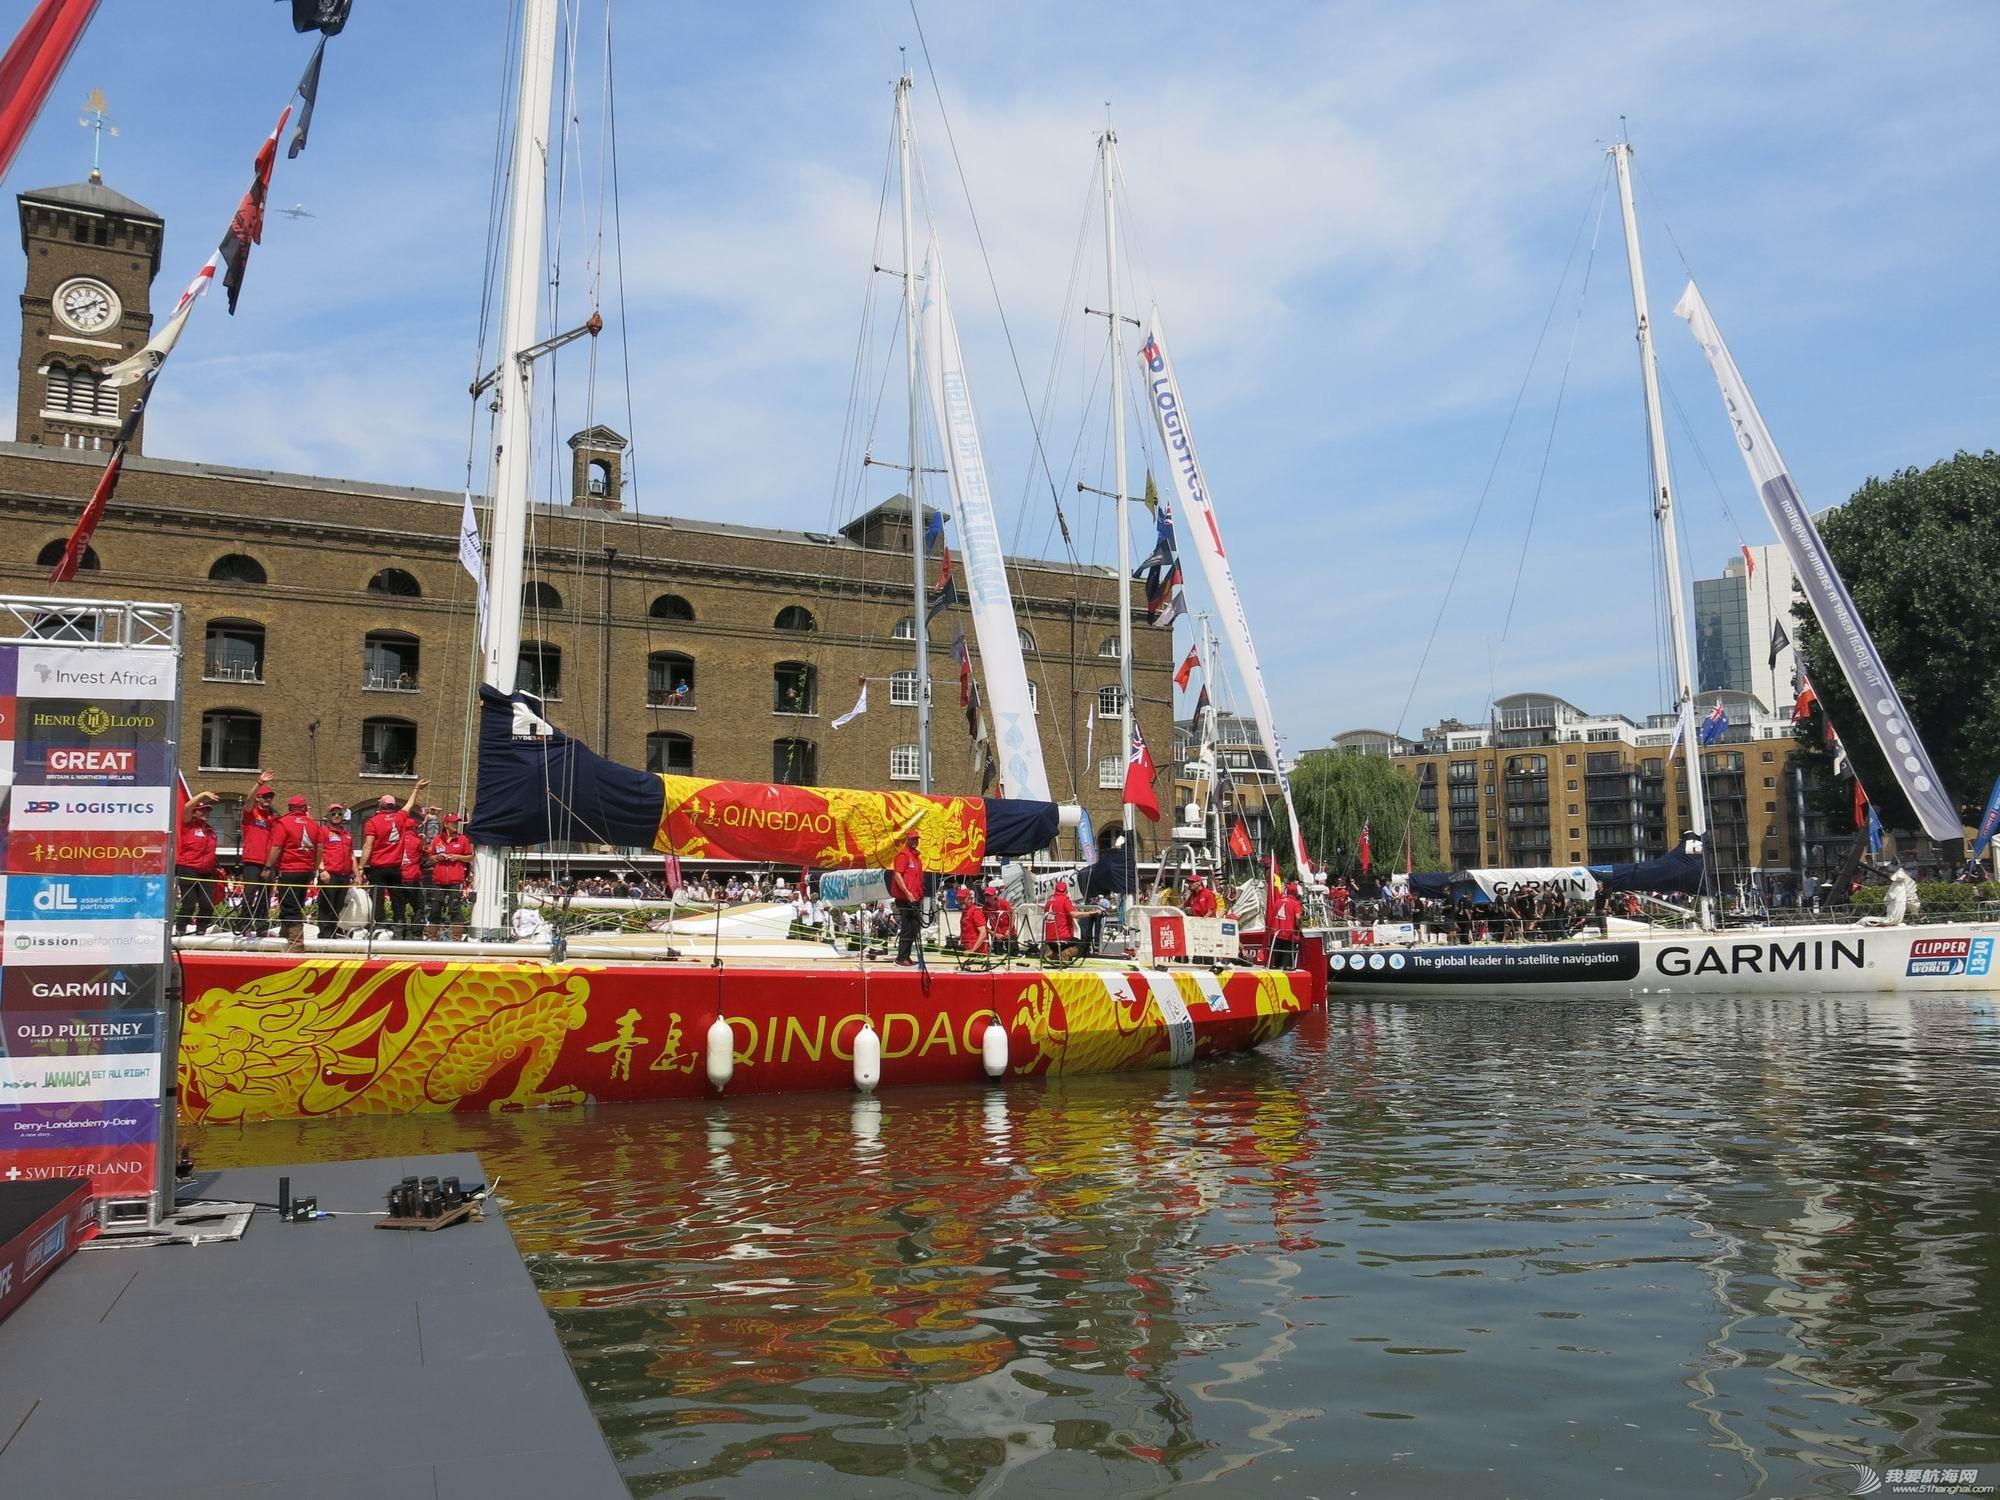 奥运冠军,大不列颠,泰晤士河,航海家,徐莉佳 中国姑娘宋坤顺利完成克利伯环球帆船赛,成为中国第一位完成帆船赛环球航行的女水手。 jj.jpg